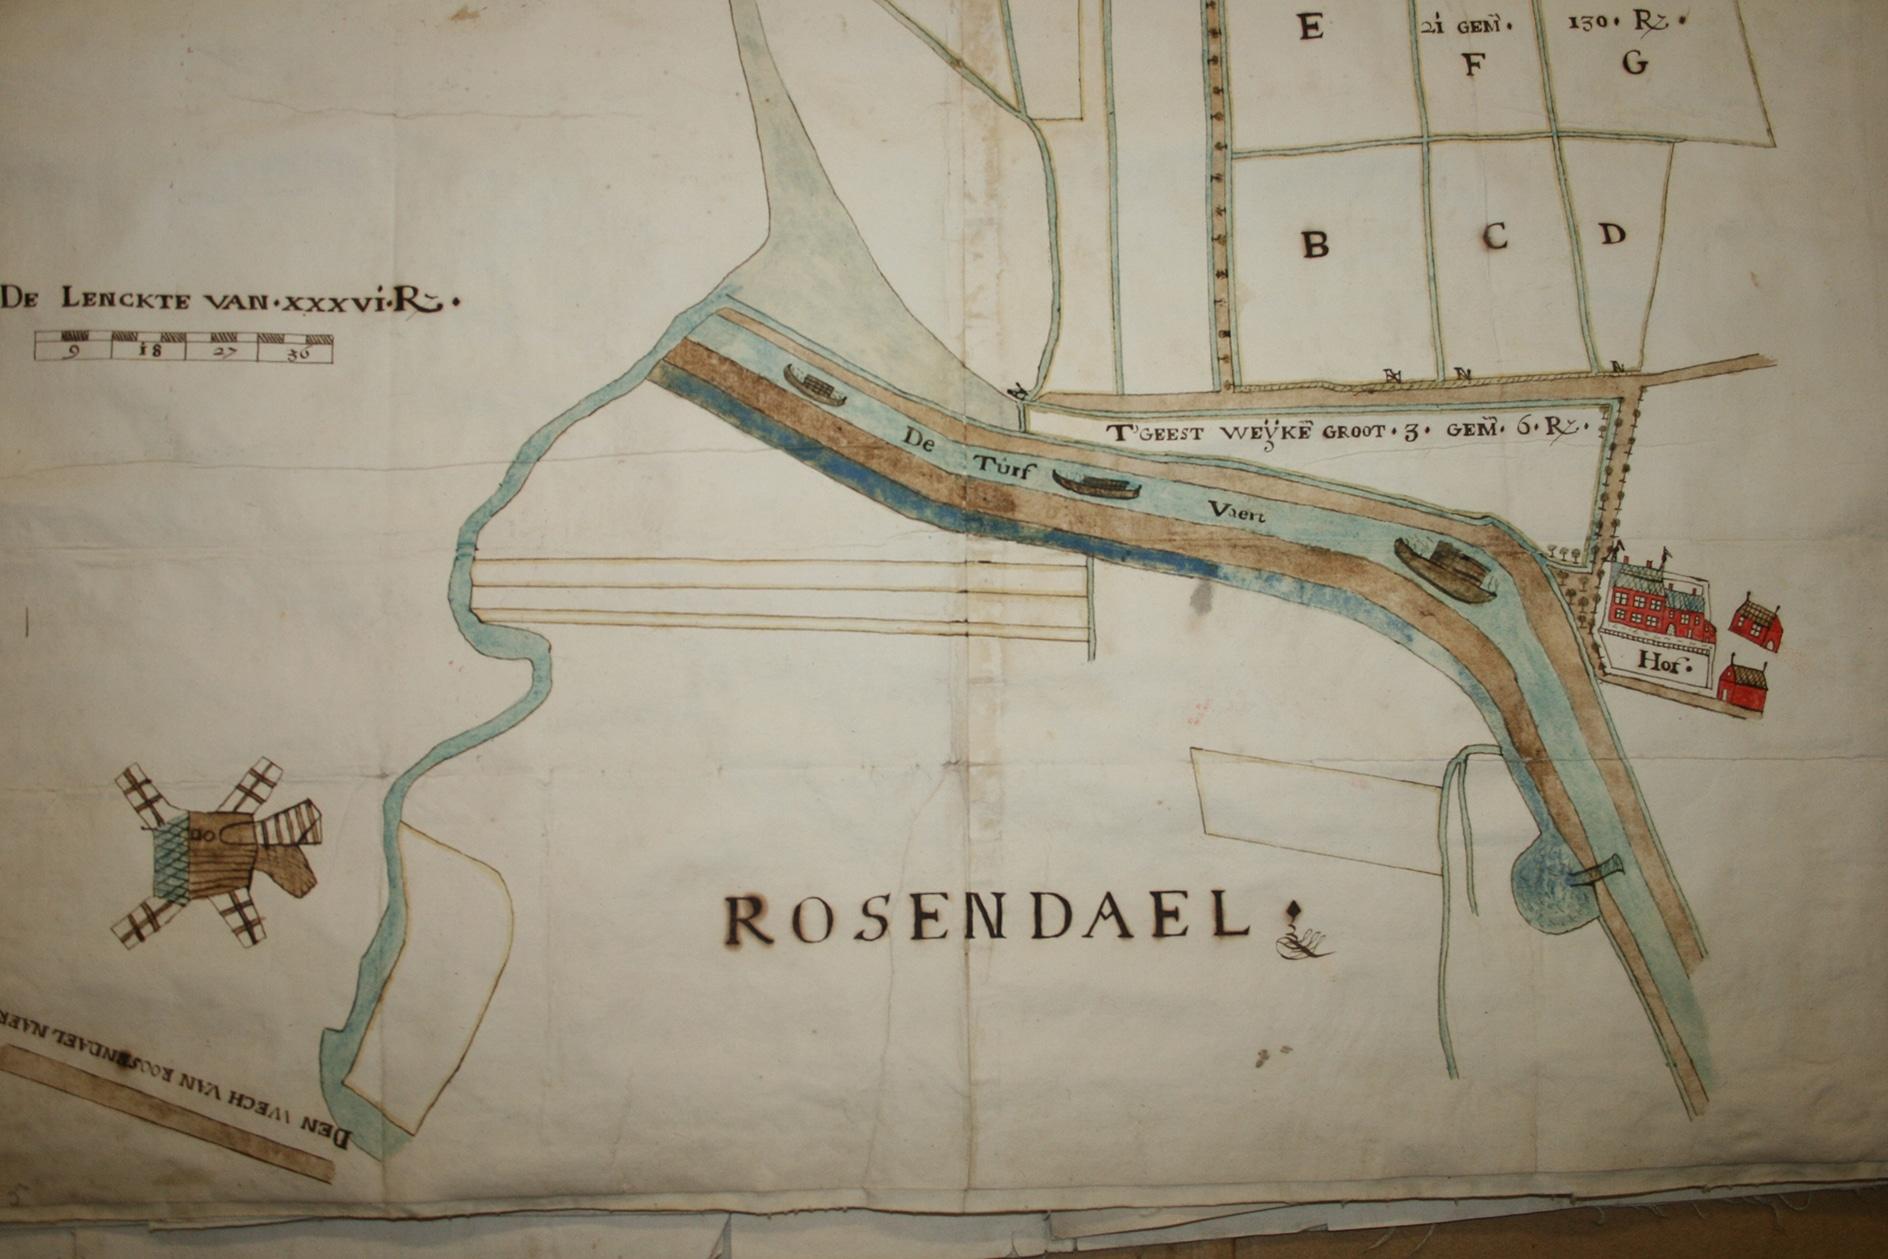 Omgeving Roosendaal, turfvaart